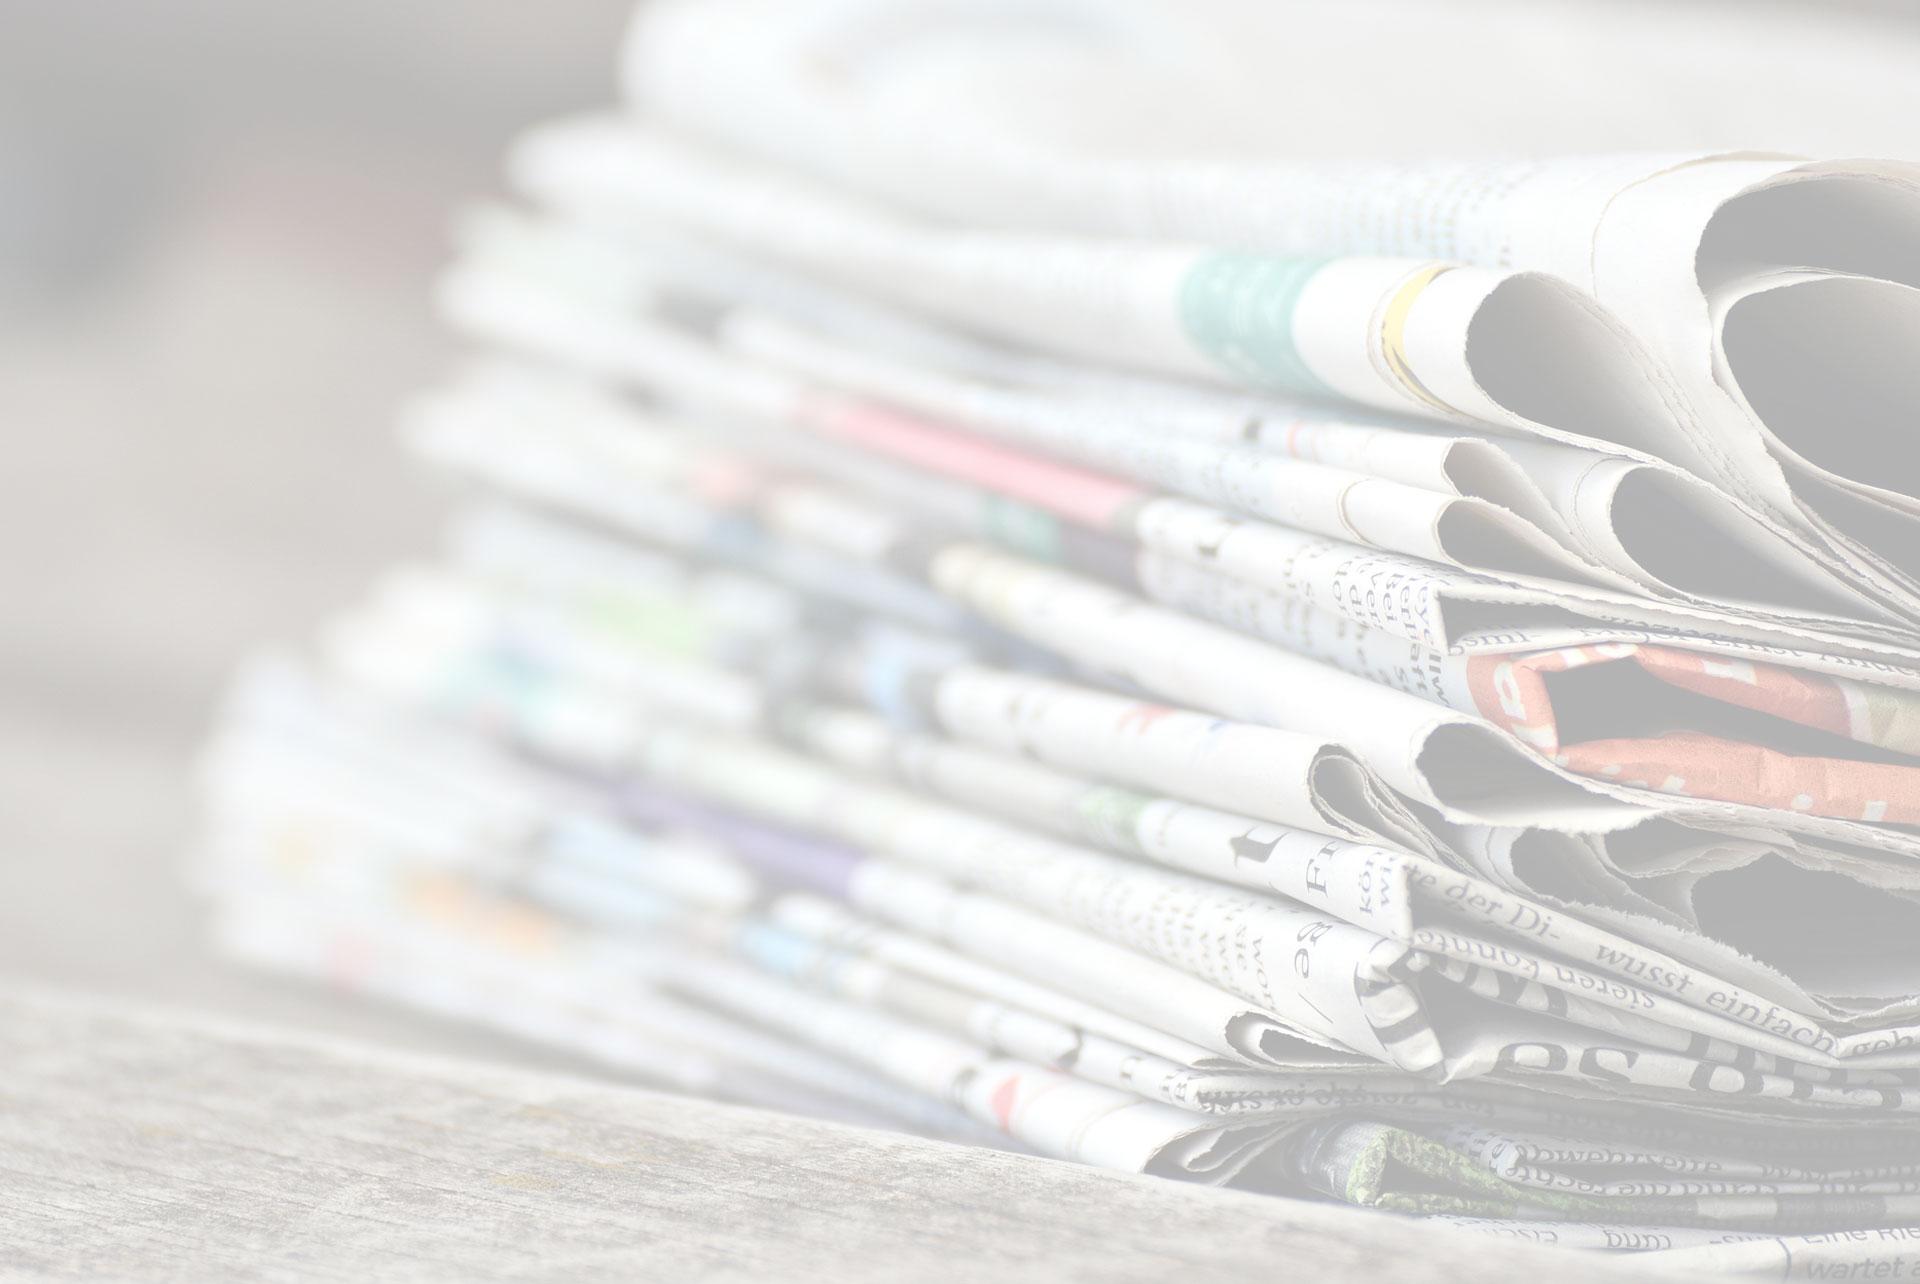 Marco Marsilio